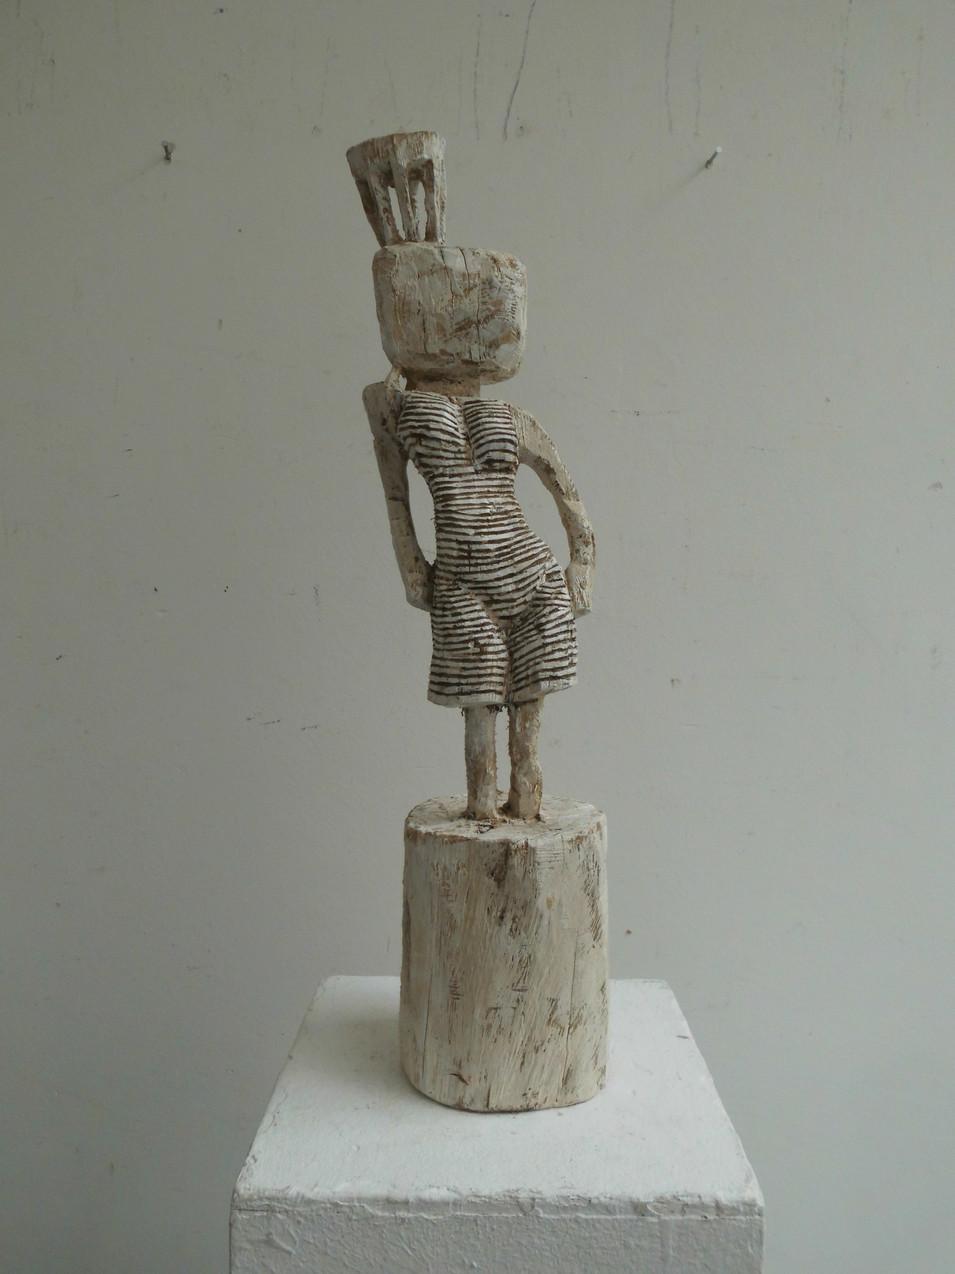 Klaus Hack | Tänzerin mit Krone | 2009 | Holz | weiß gefasst | 54 x 12,5 x 12,2 cm | 2500 Euro